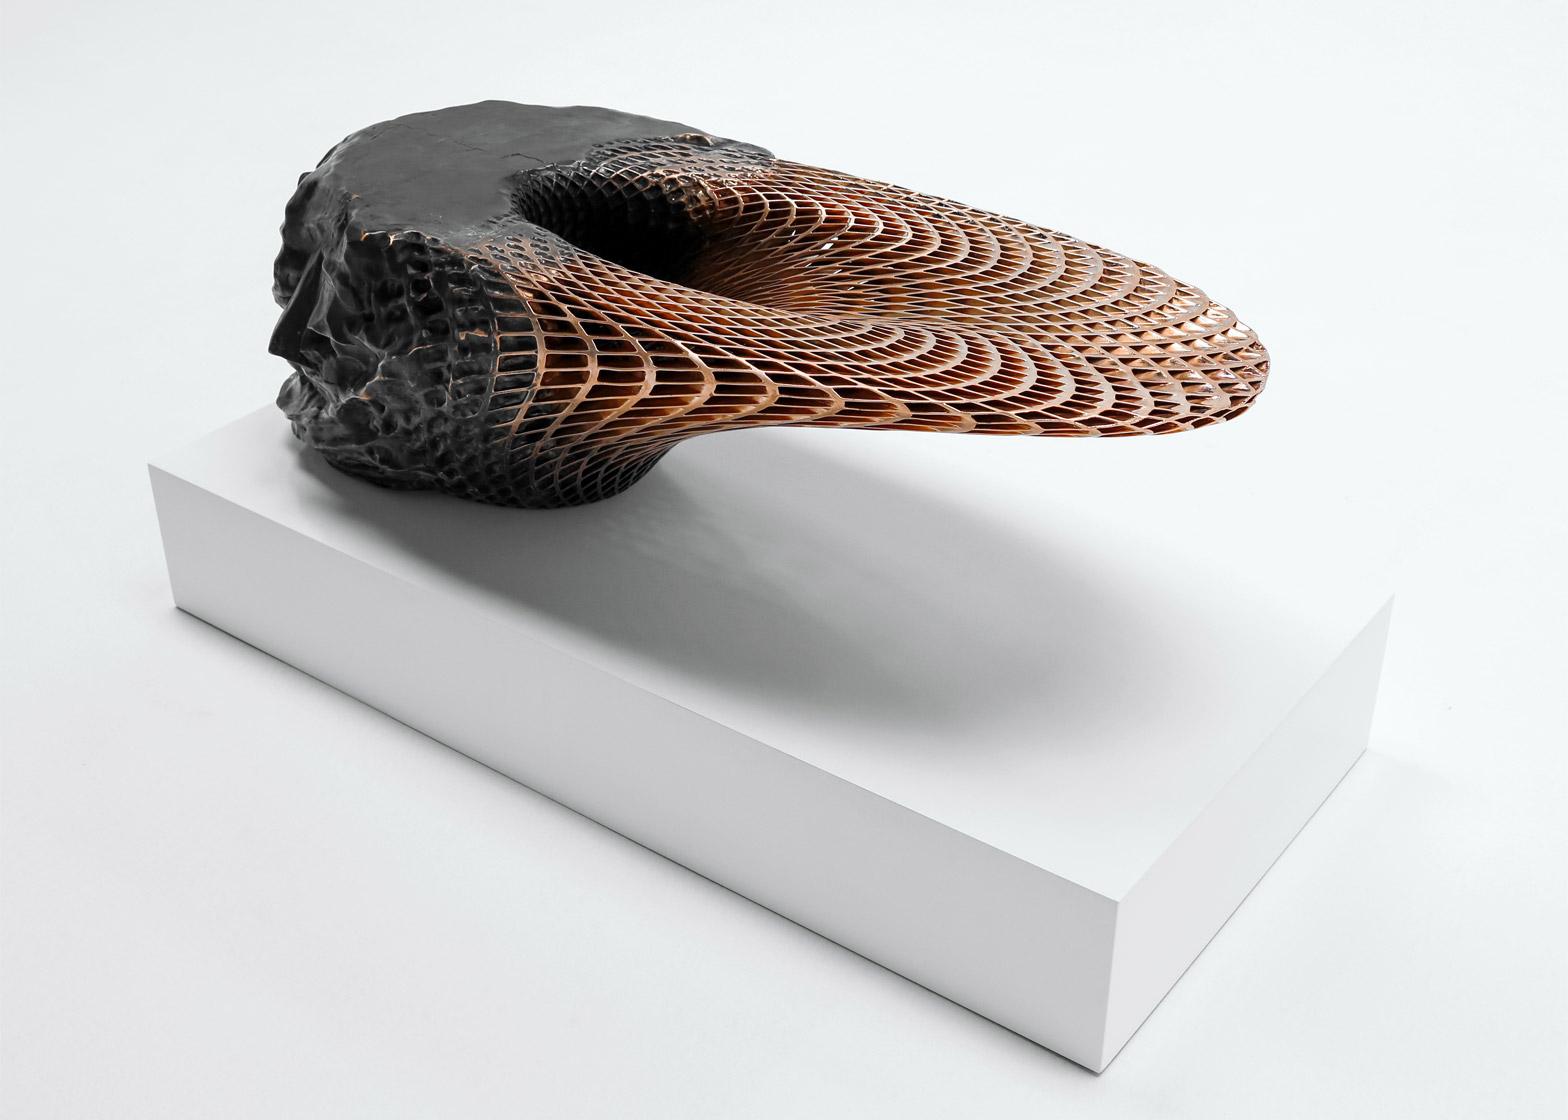 Janne Kyttanen at Design Miami 2015